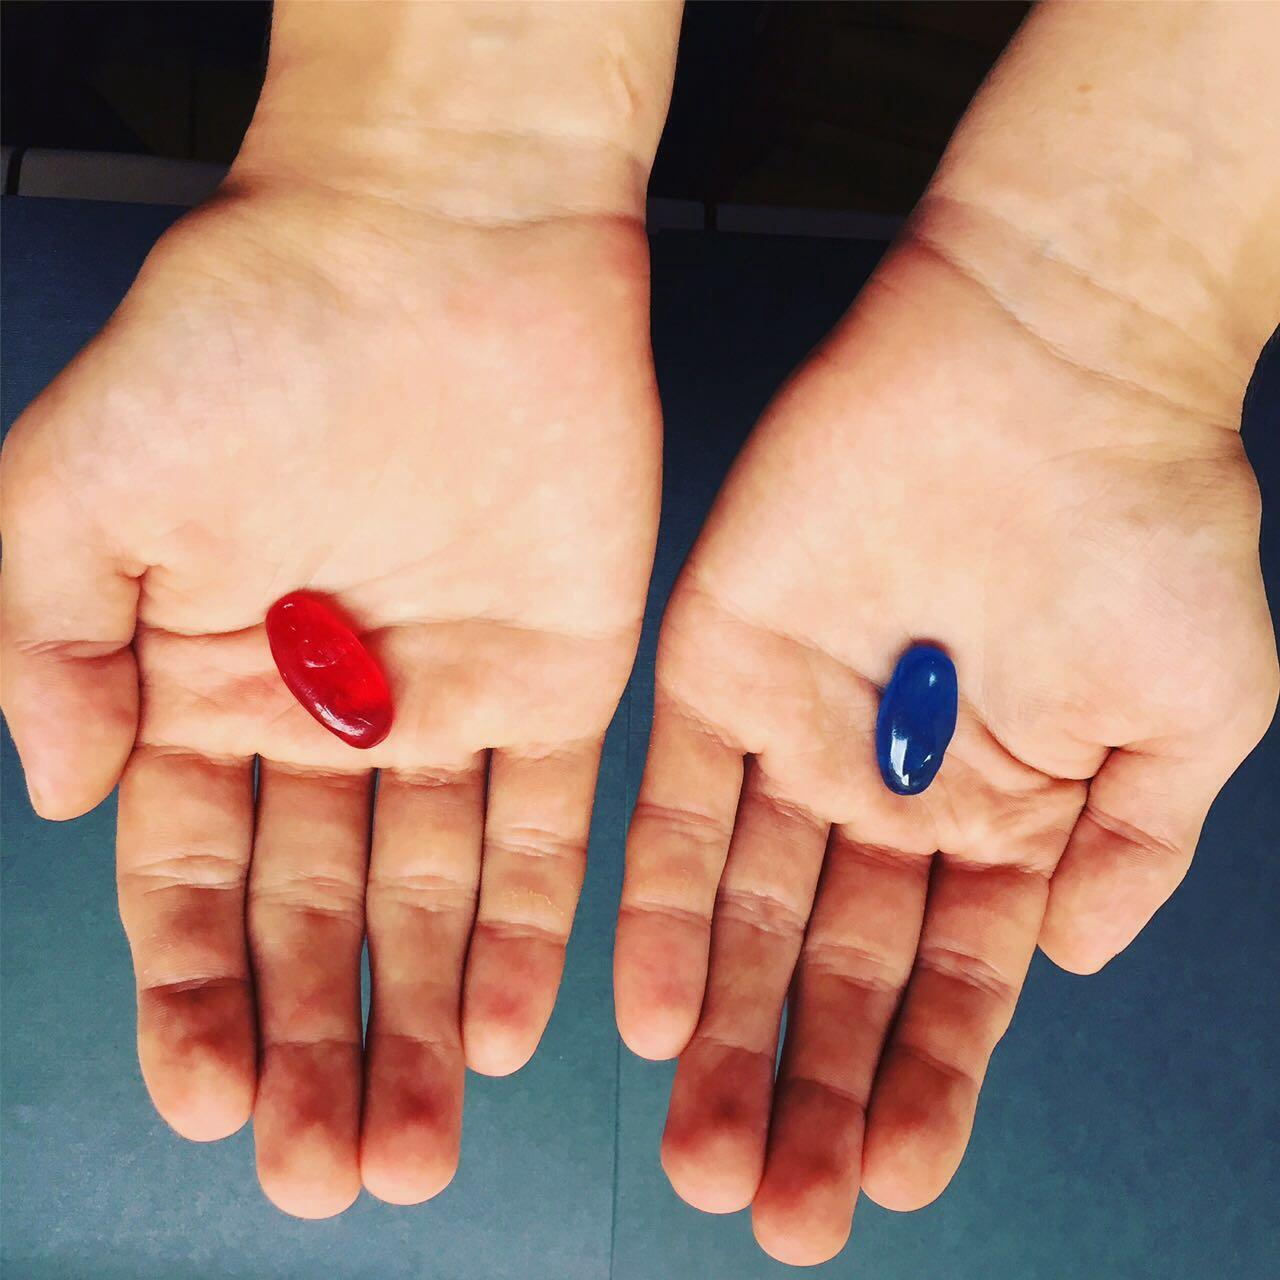 Красные и синие таблетки в подарок медработникам